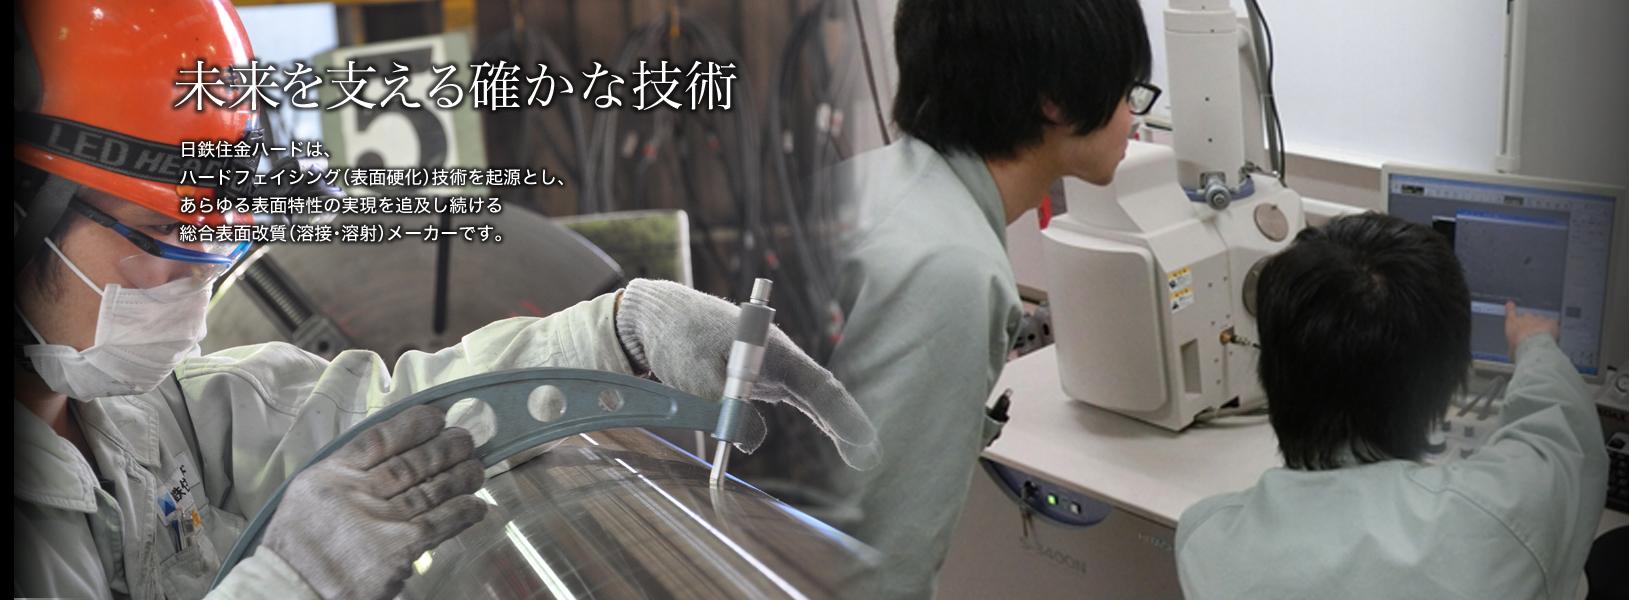 ハードフェイシング(表面硬化)技術を起源とし、あらゆる表面特性の実現を追求し続ける総合表面改質メーカー